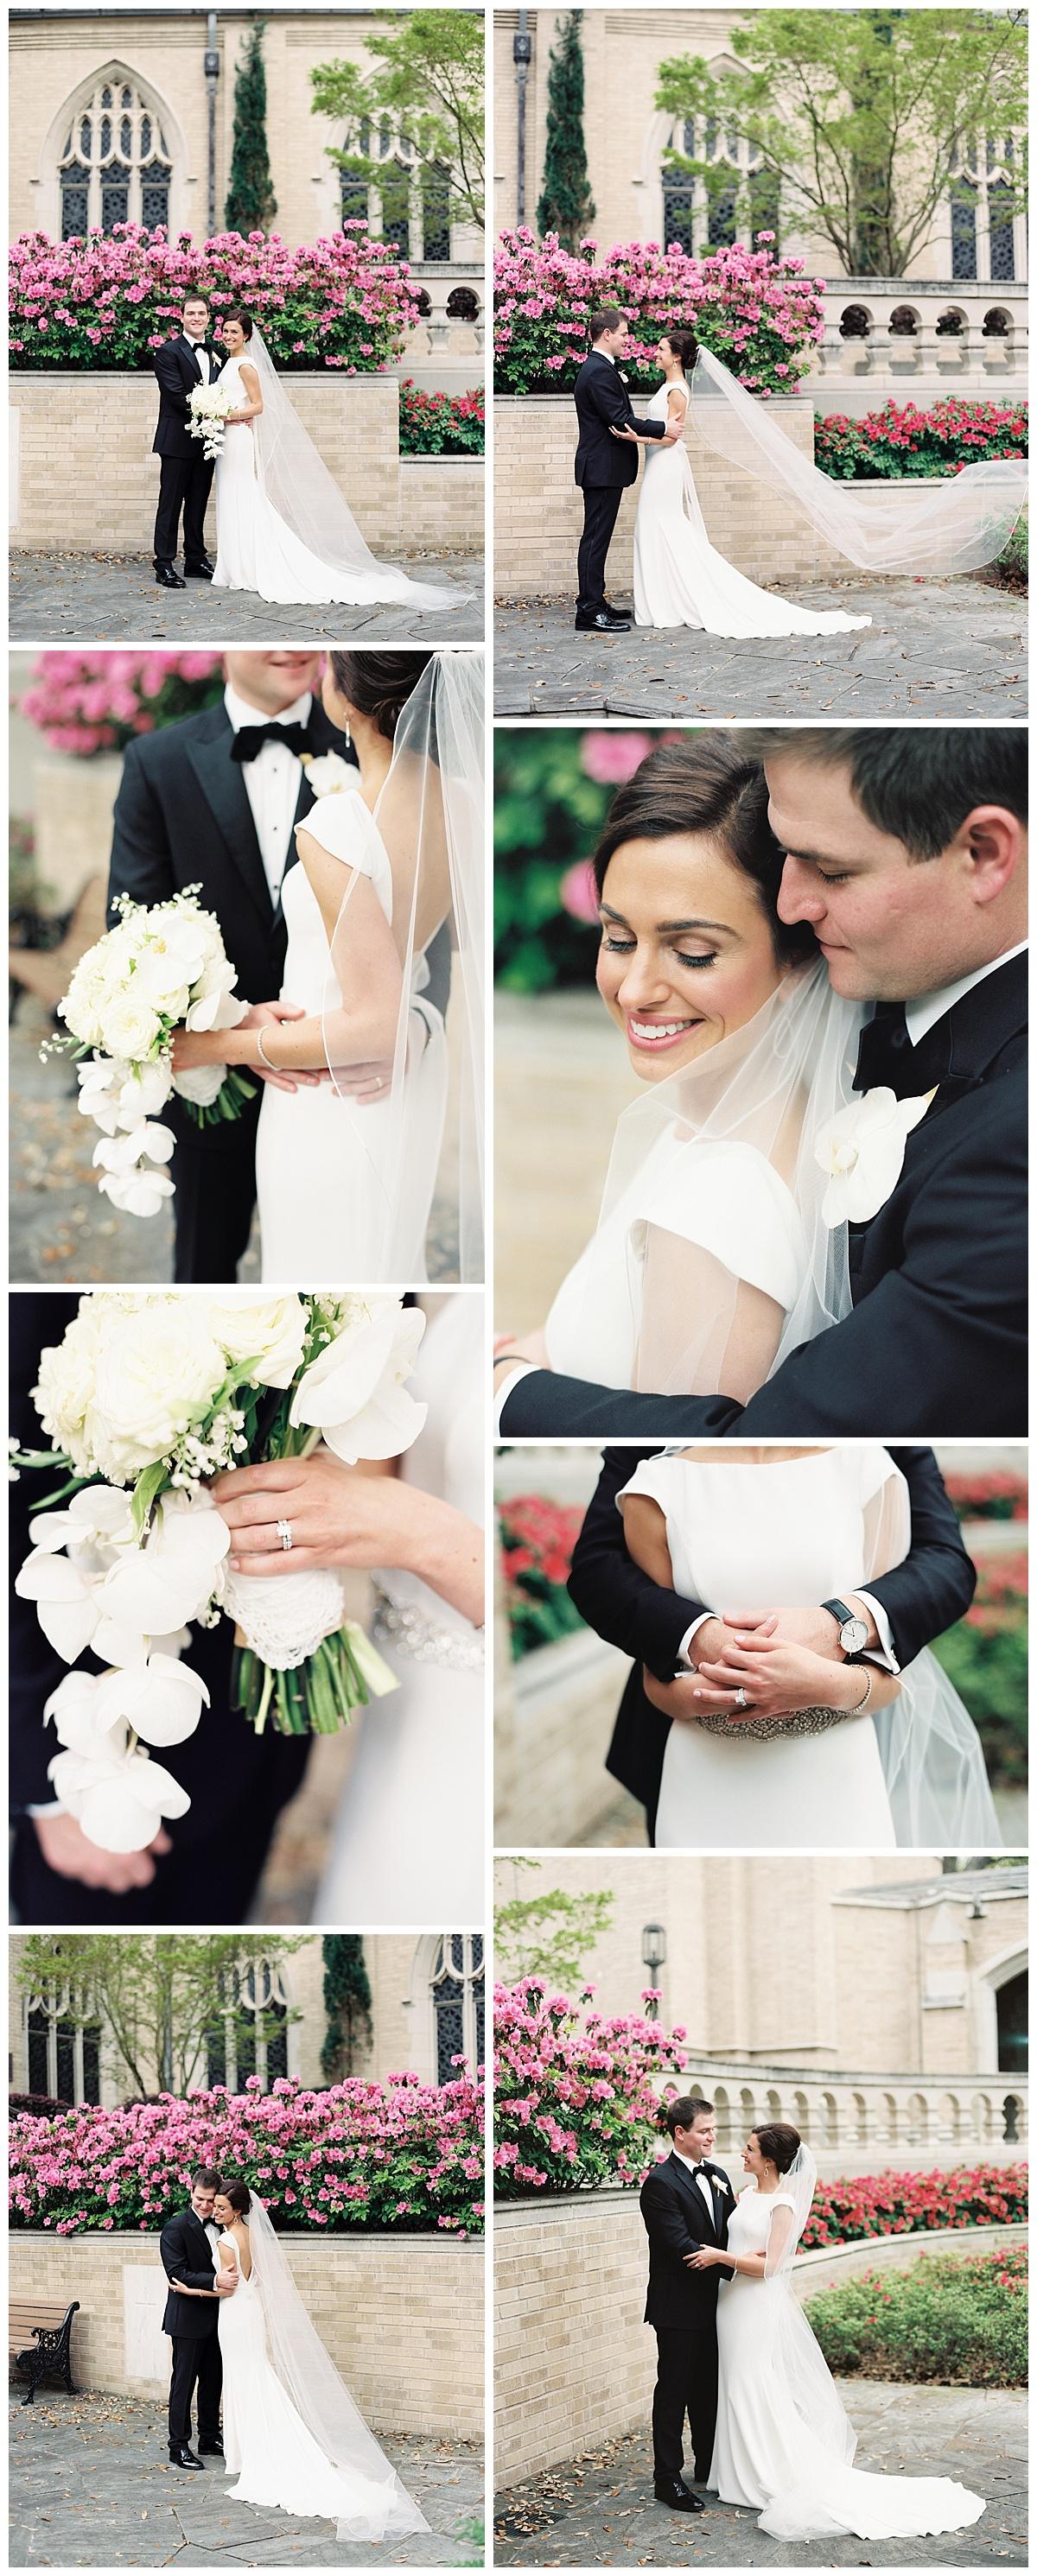 dallas-country-club-wedding-ar-photography-15.jpg